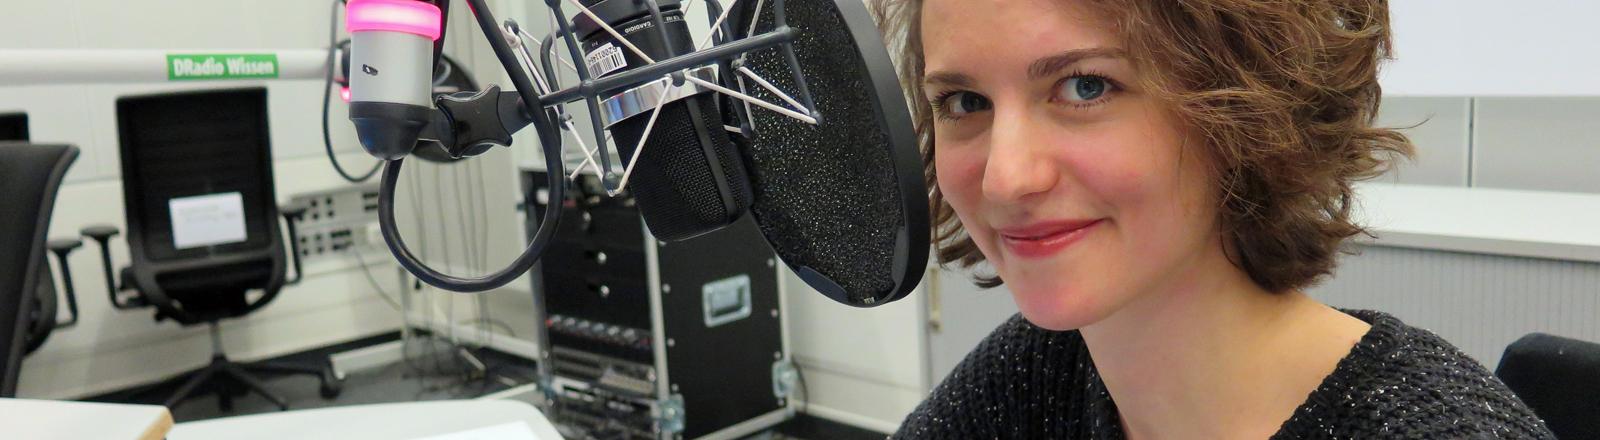 Die Dokumentarfilmerin Laurentia Genske sitzt im Studio von DRadio Wissen.